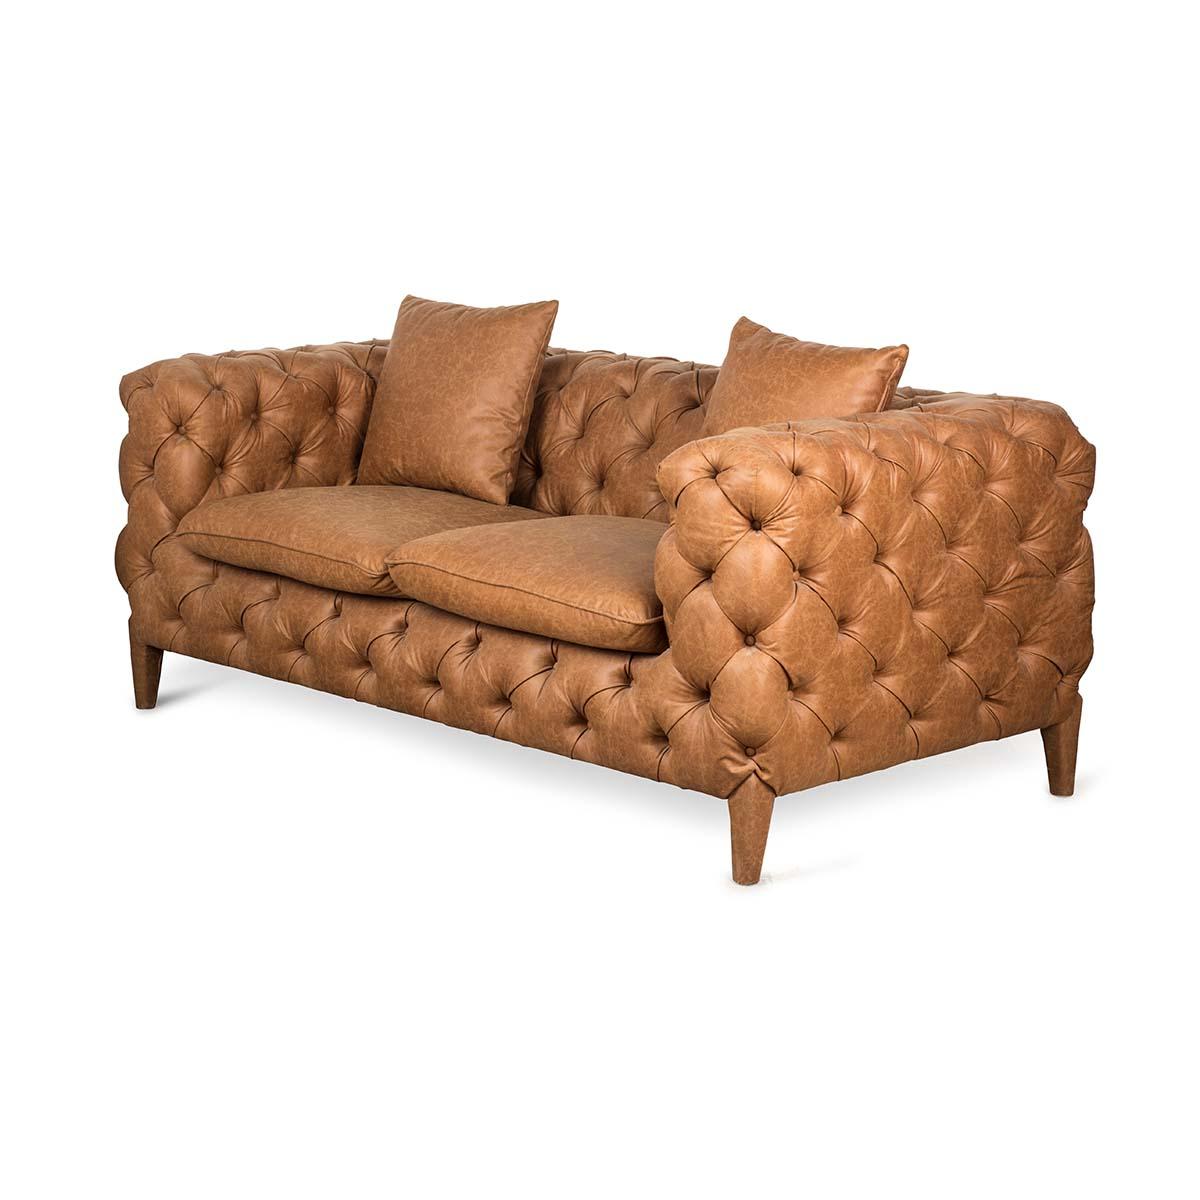 Photo De Canape Moderne canapé chest. pour l'amenagement d'hôtels ou de bars.